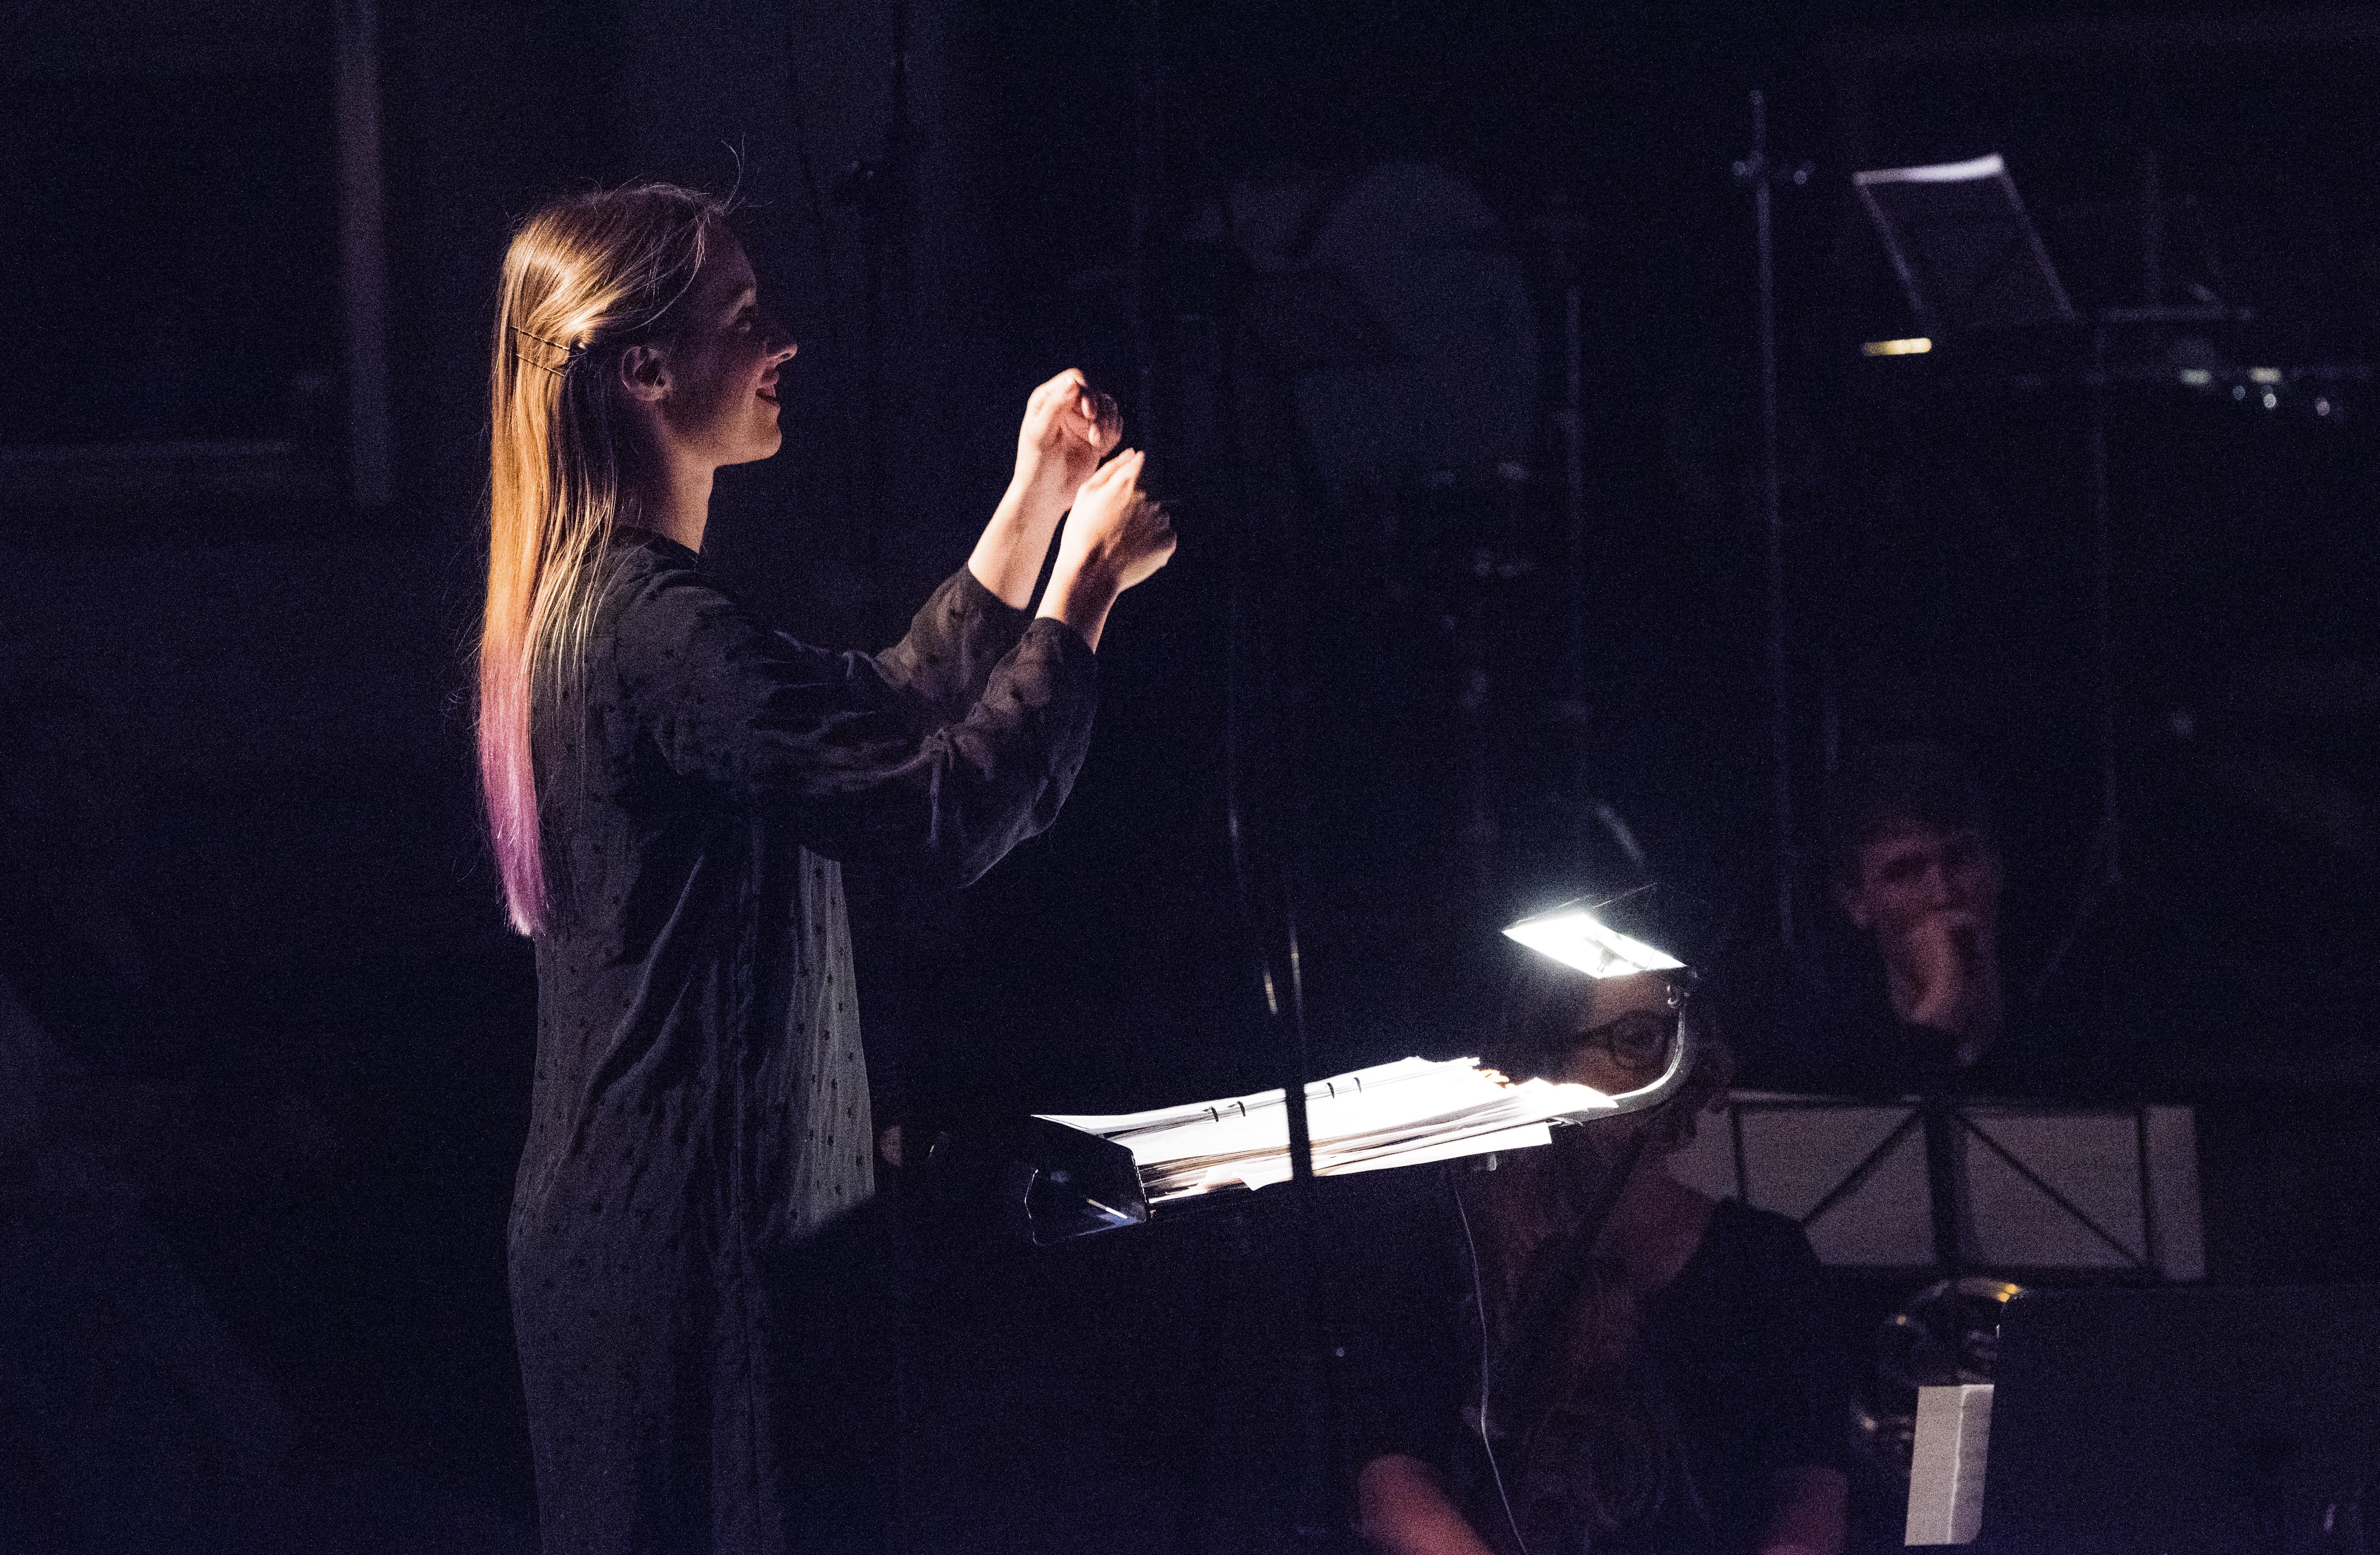 Dirigent_3_fotoSMR